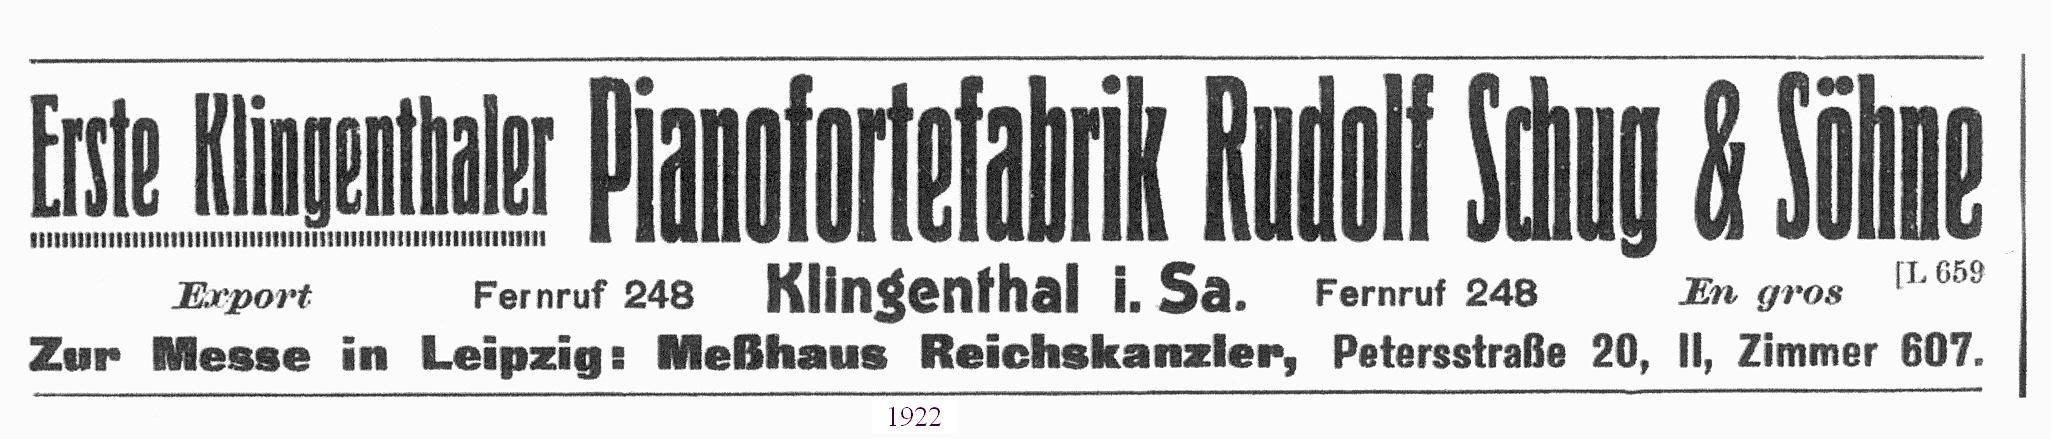 Fa. Schug Anzeige von 1922